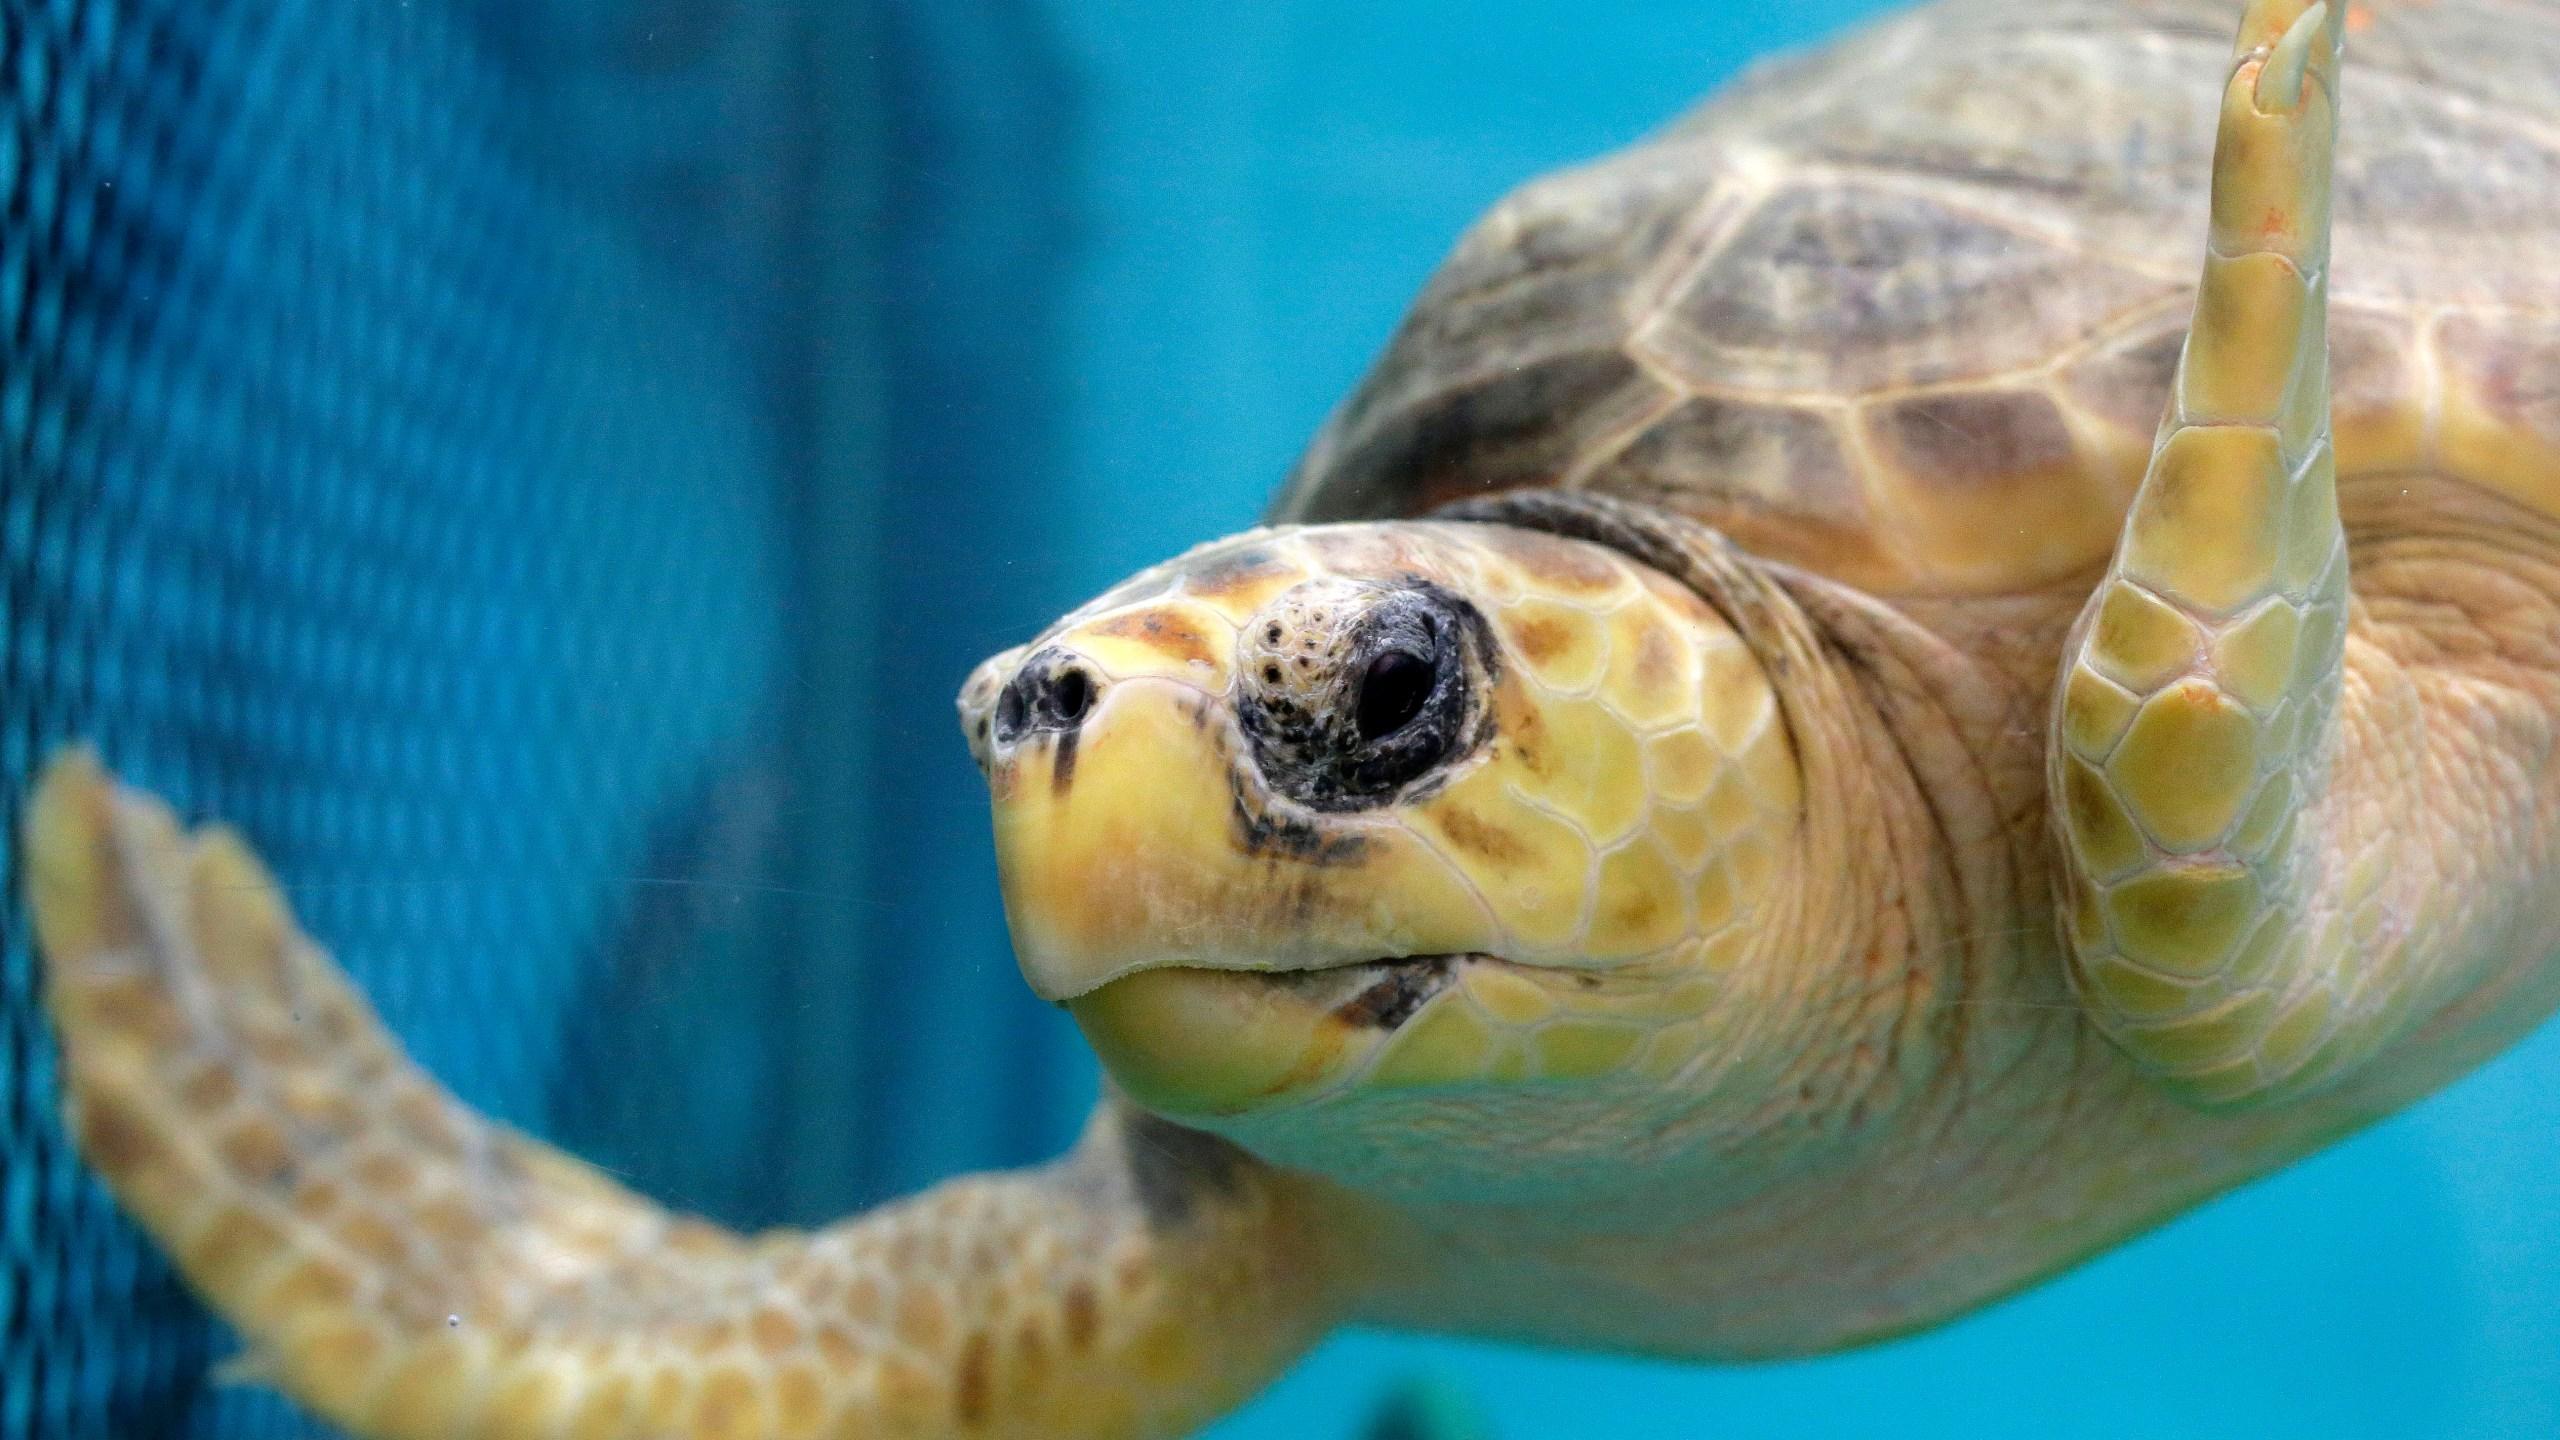 Beached_Turtles_23600-159532.jpg81110766